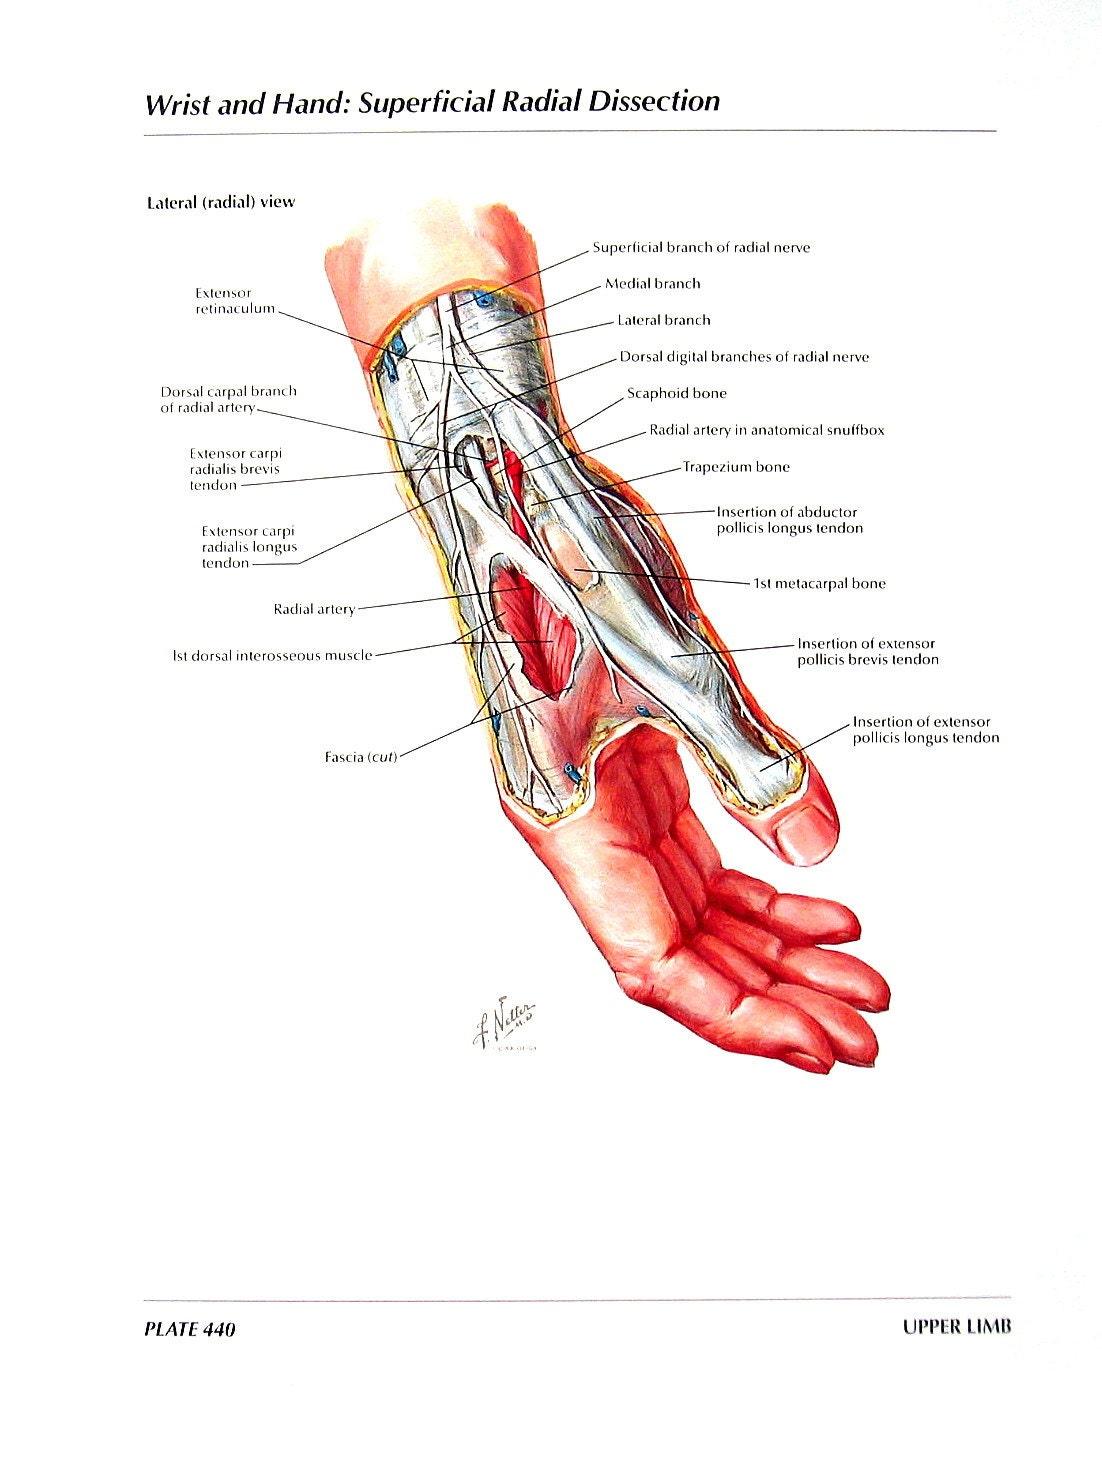 Ausgezeichnet Anatomie Des Handgelenks Fotos - Menschliche Anatomie ...